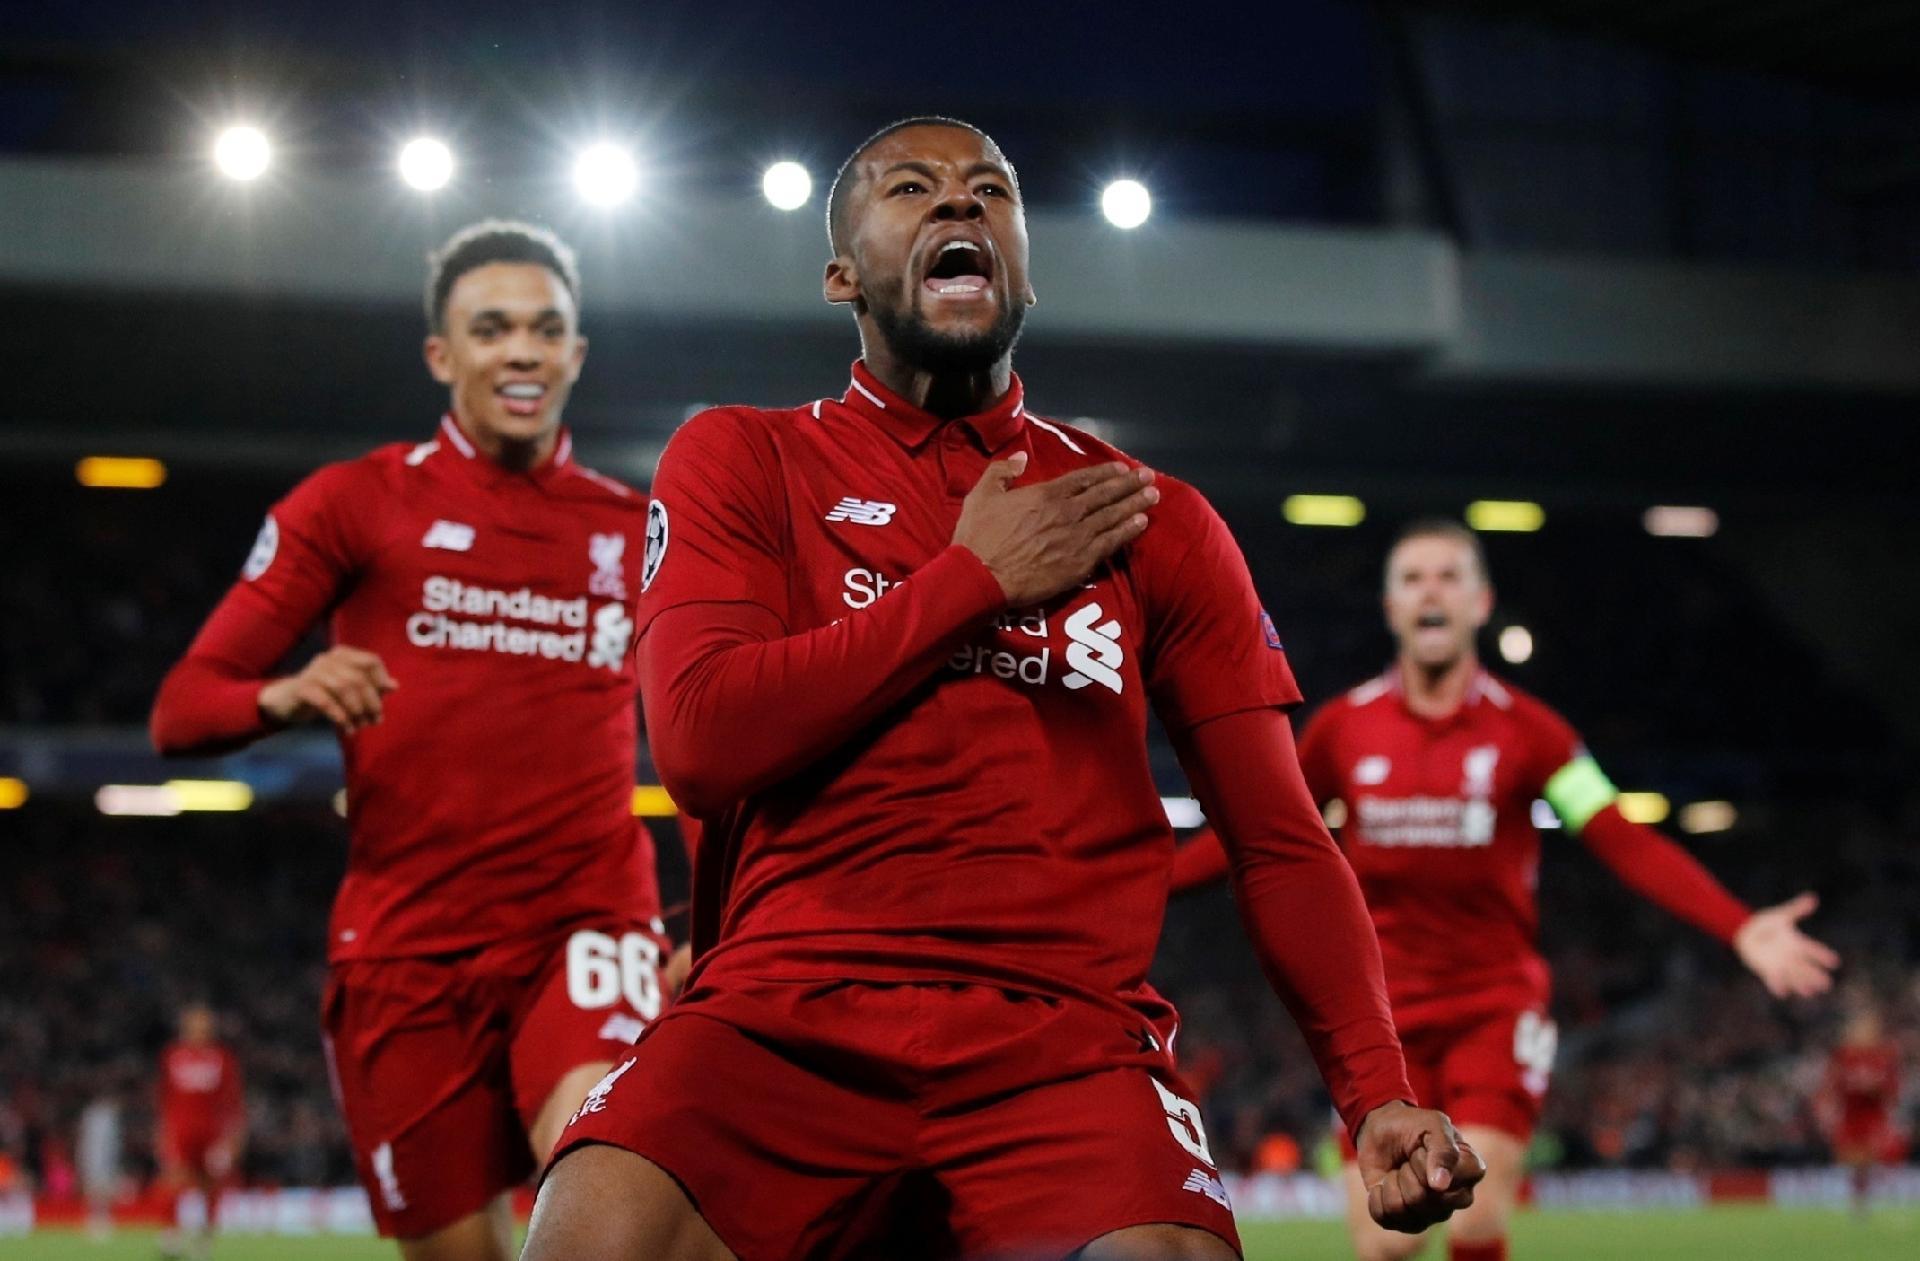 f90ec447567 Liverpool consegue virada heroica contra Barça e vai à final da Champions -  07 05 2019 - UOL Esporte